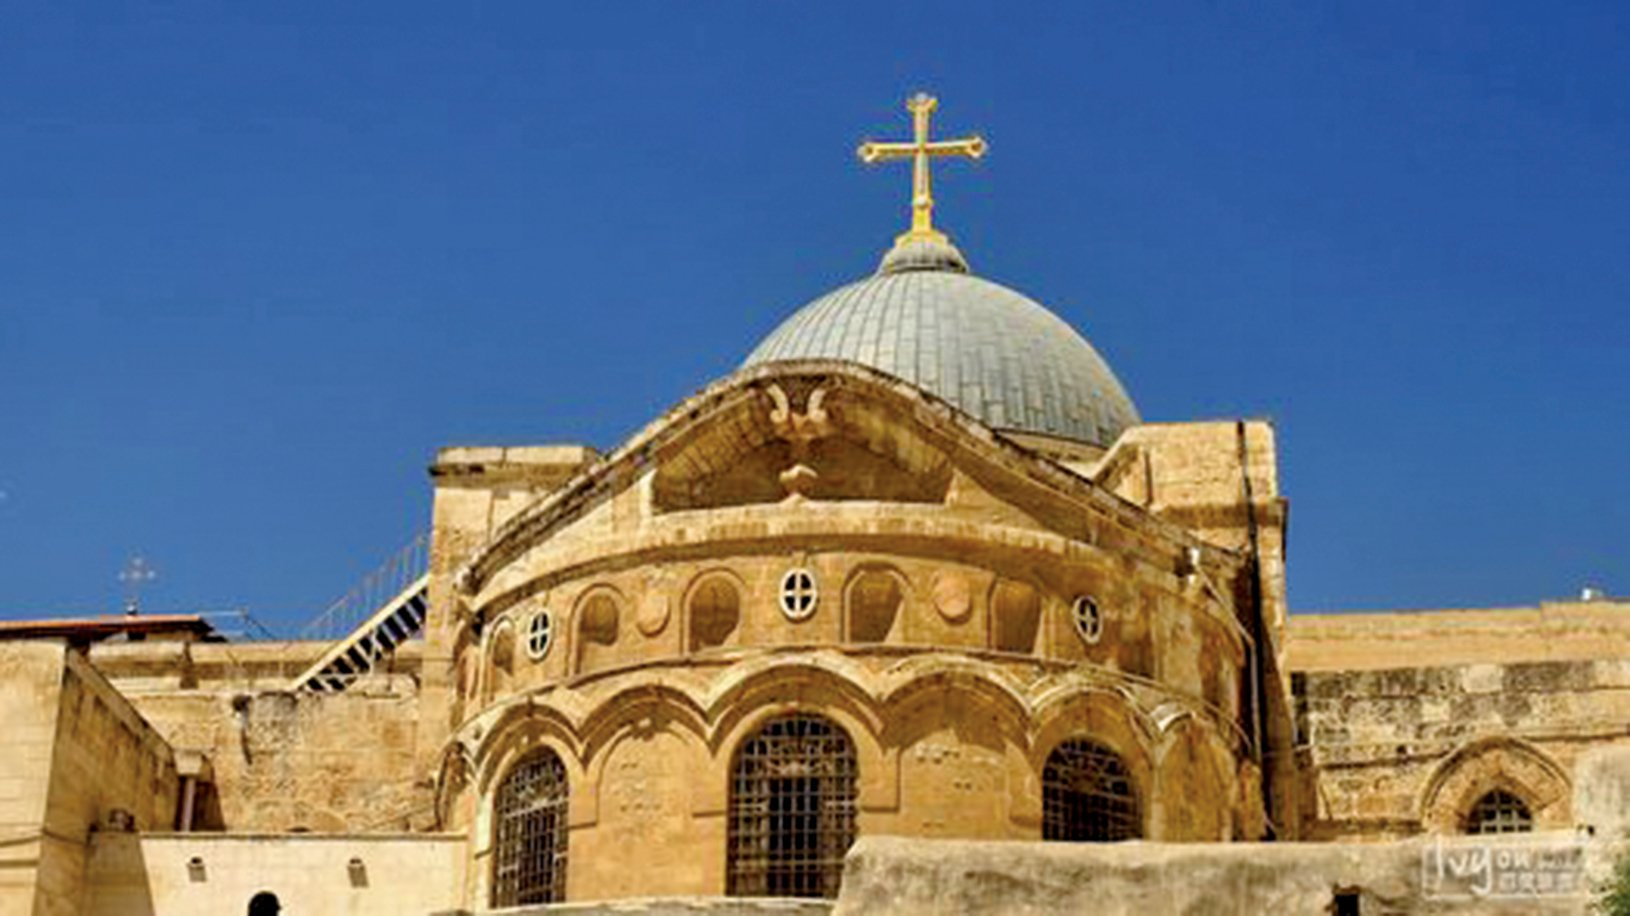 建造在耶穌受刑及埋葬位置上的「聖墓教堂」。(公有領域)